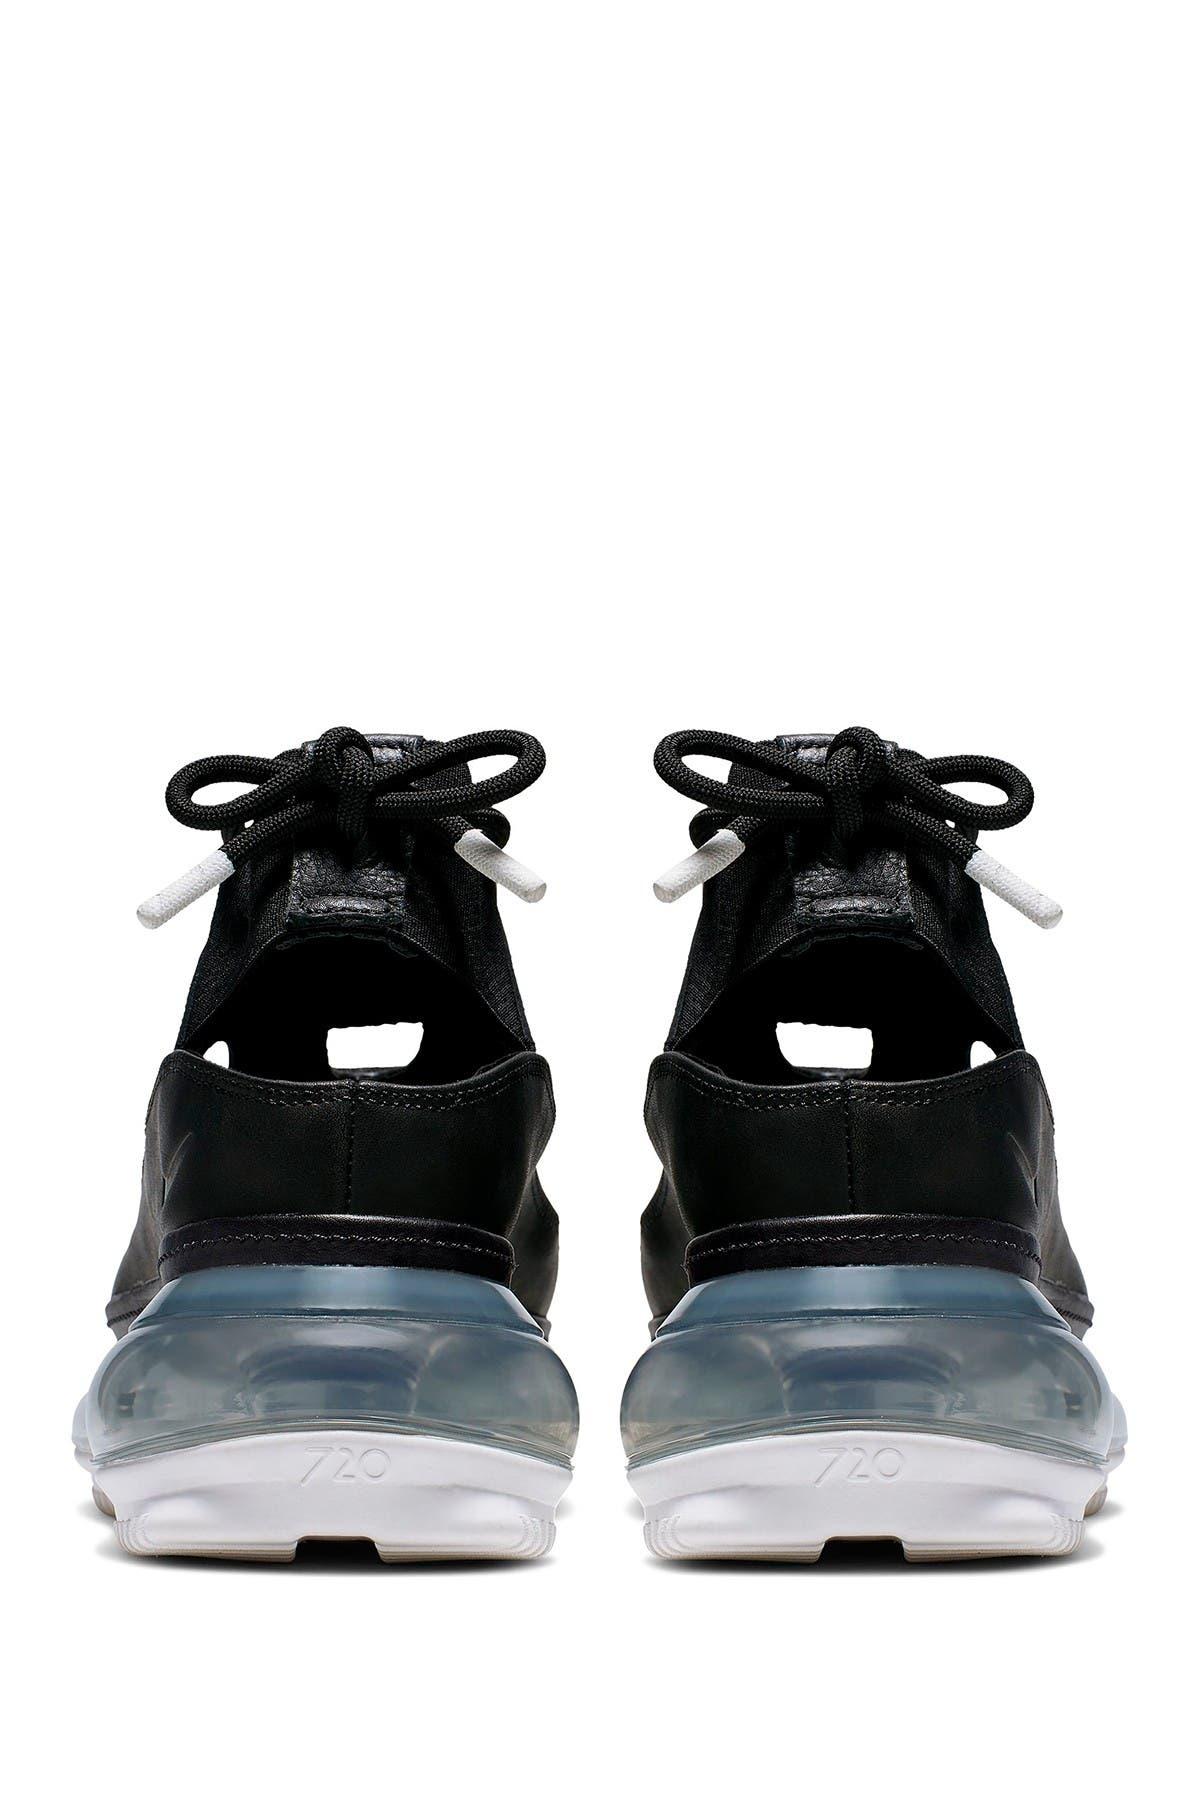 electo lavanda panorama  Nike | Air Max FF 720 Sneaker | Nordstrom Rack